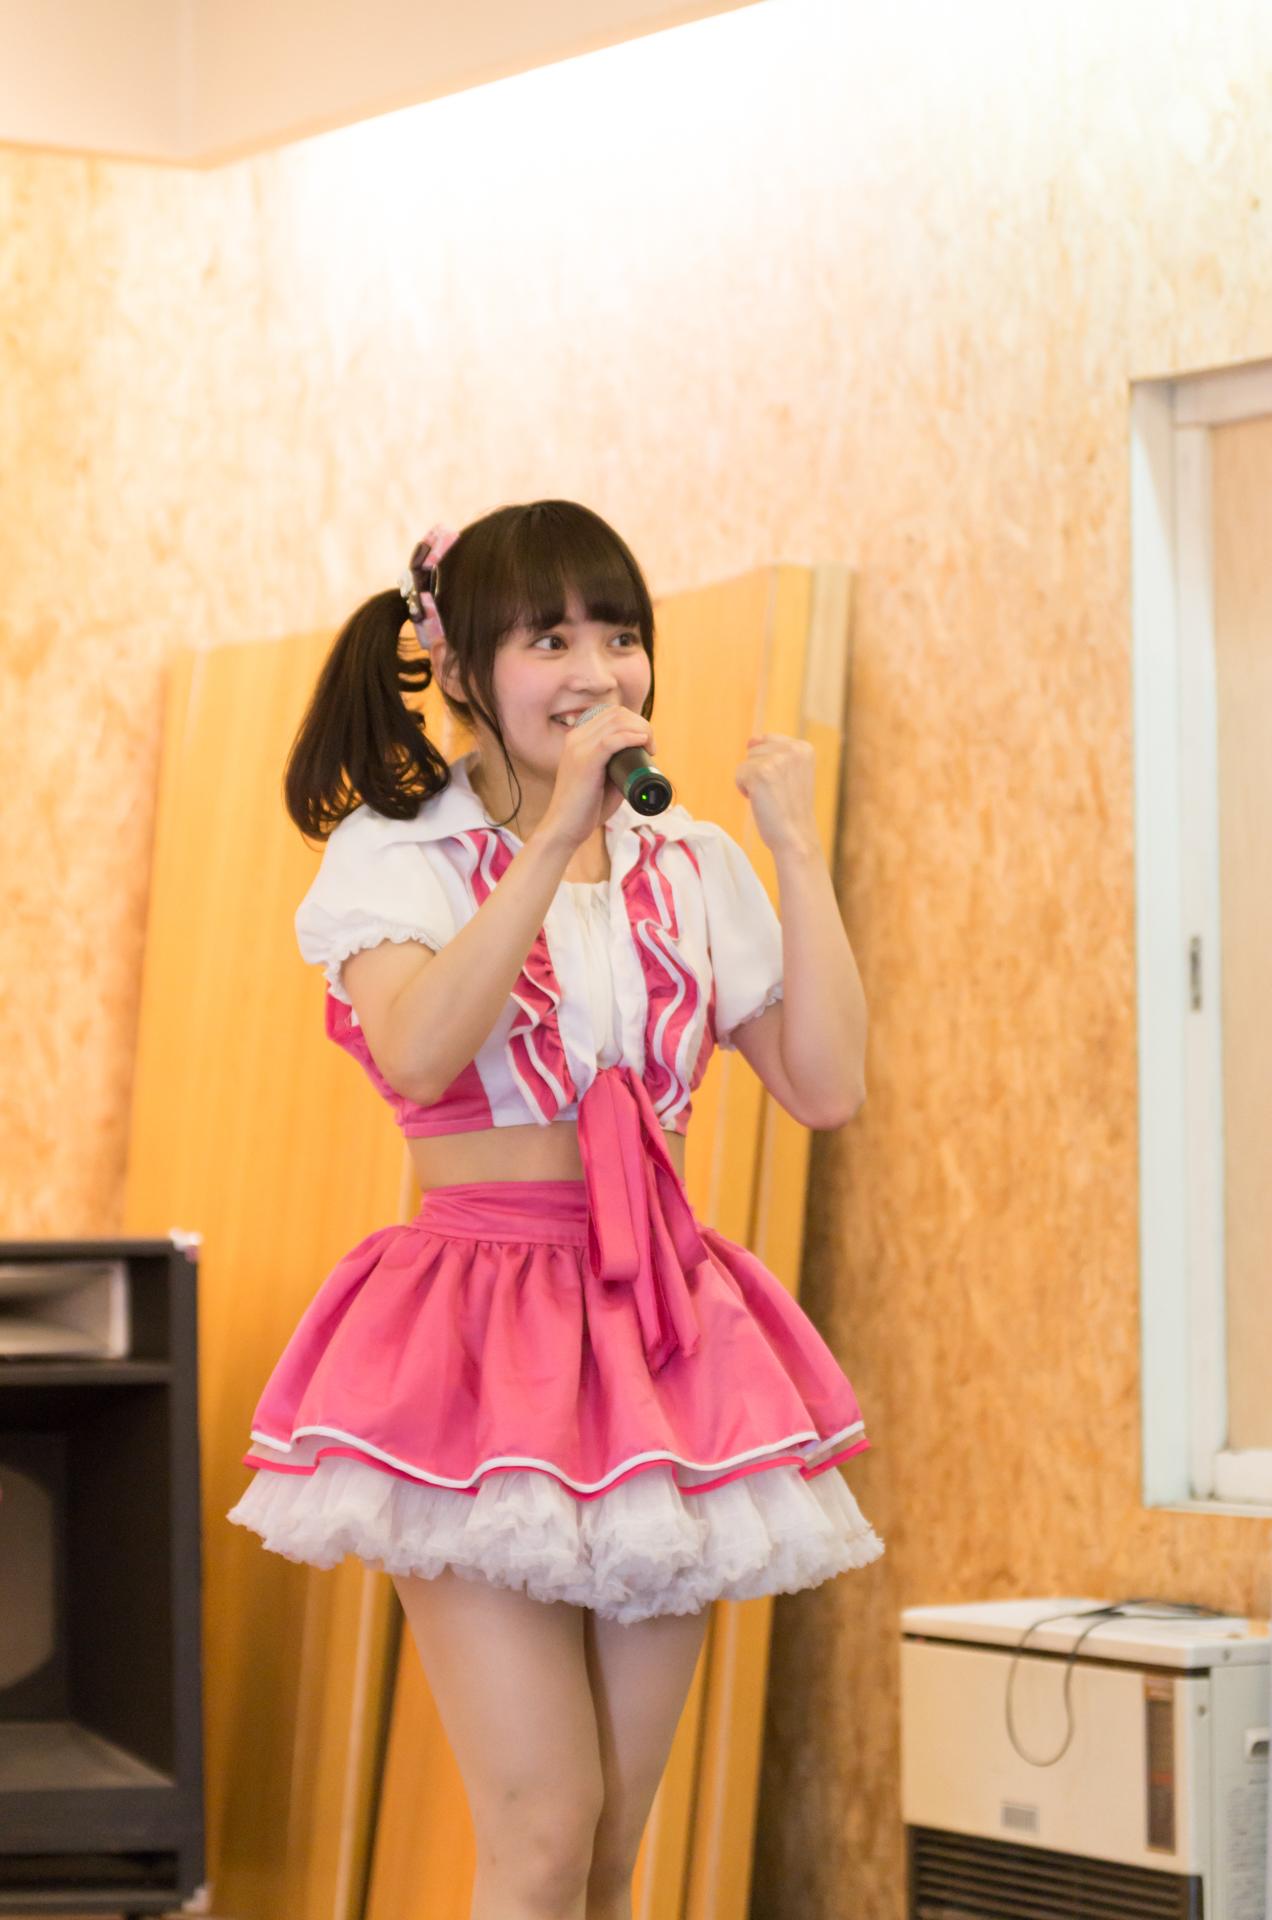 2代目HAPPY少女♪ ゆいな ( 宮崎ゆいな ) | 苗の木Live&Party Vol.1